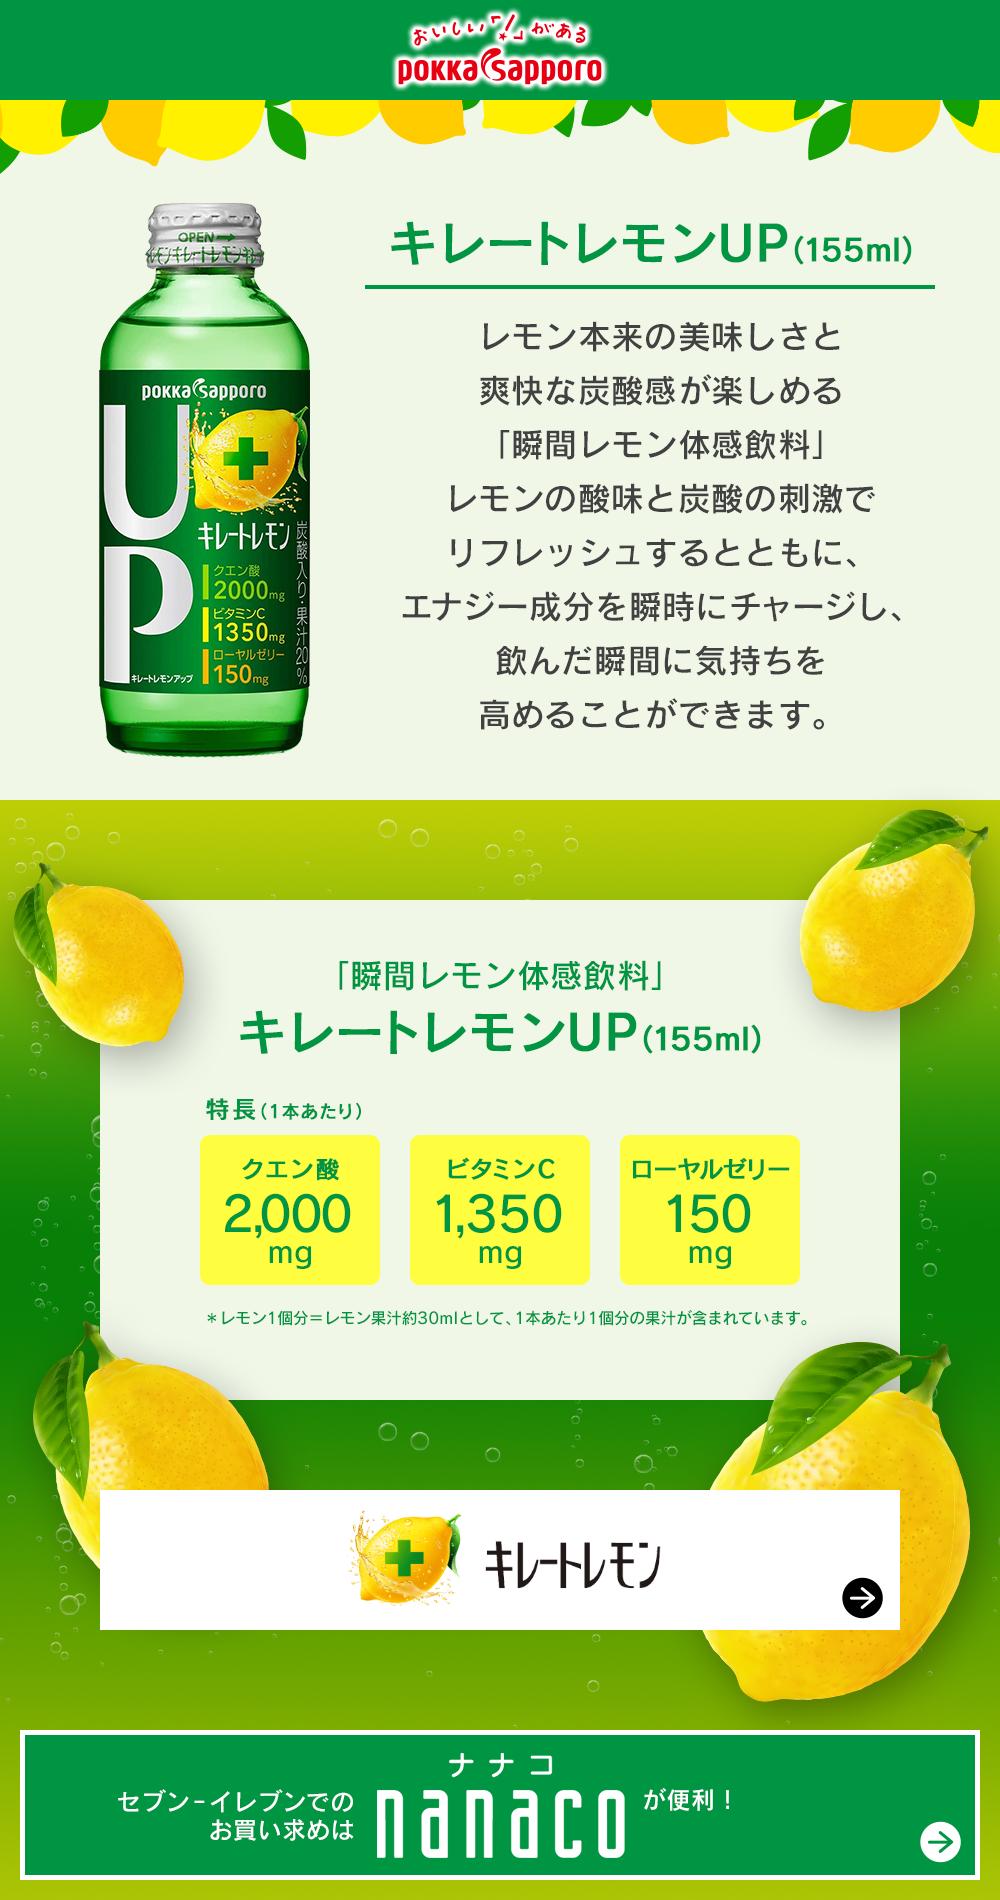 レモン up キレート